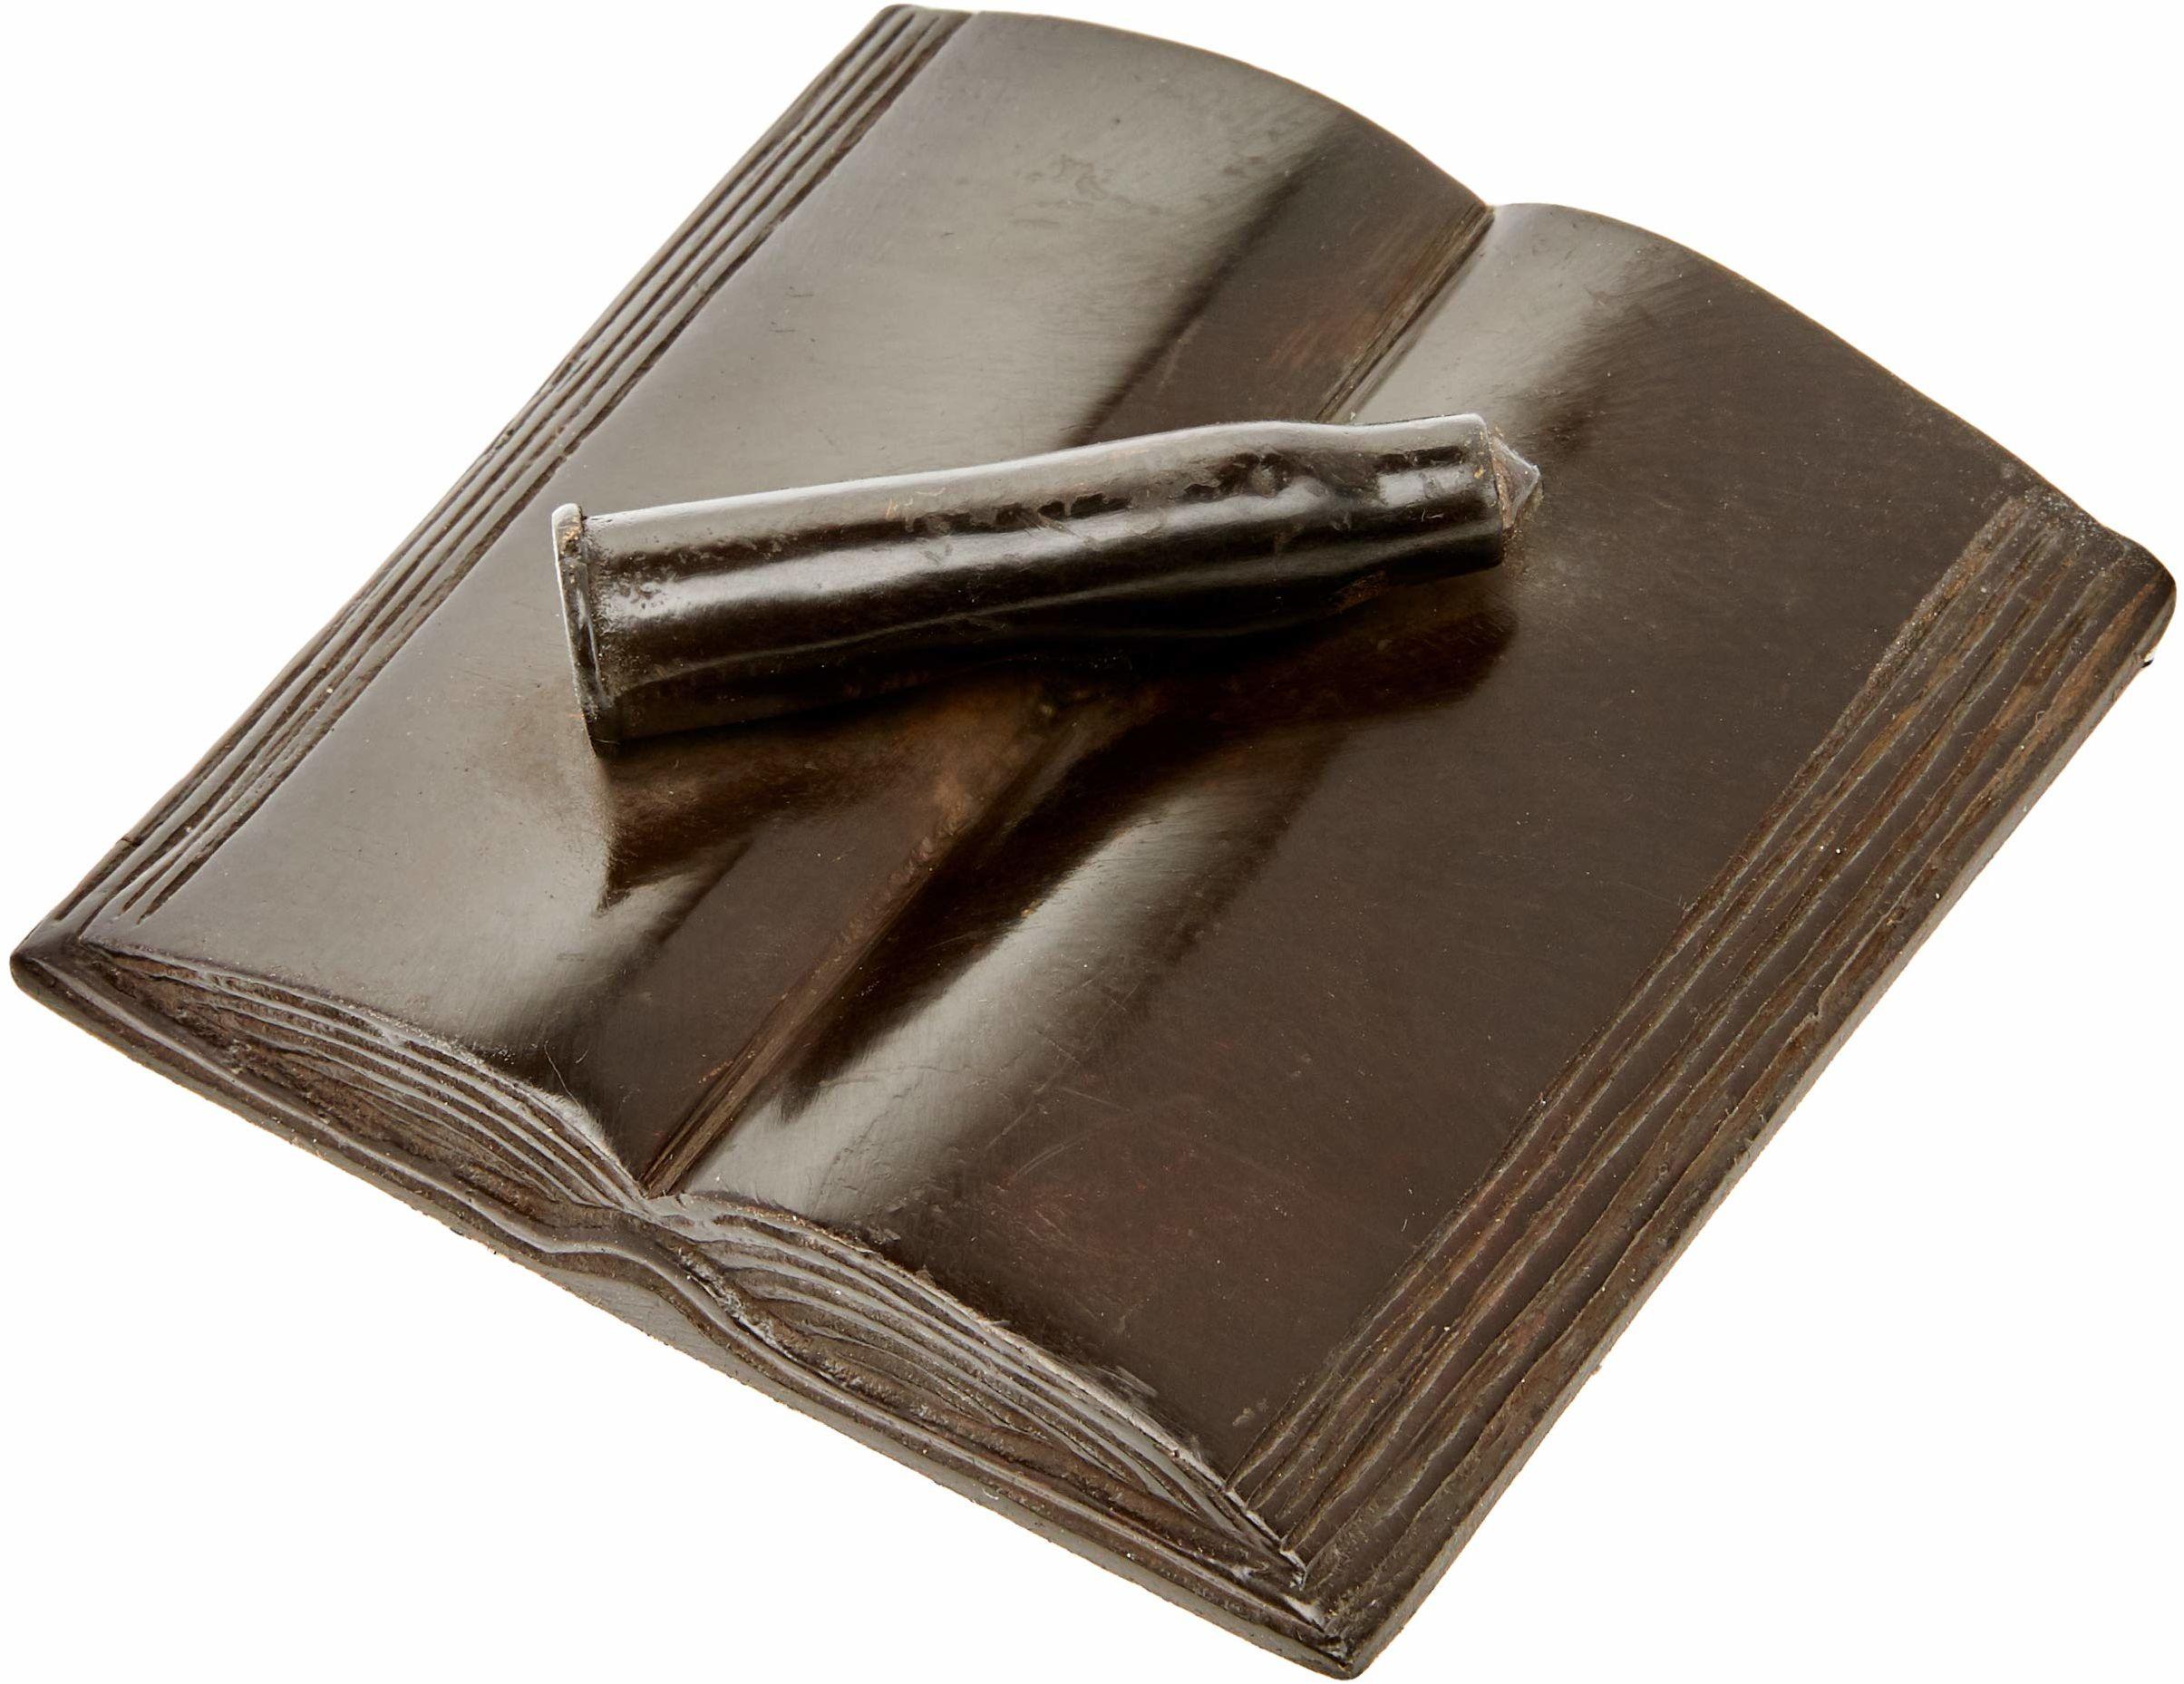 Better & Best Brass obciążnik do papieru z wkładką, czarny, wymiary 8,5 x 8,5 x 1,5 cm, materiał: mosiądz, biały, rozmiar uniwersalny